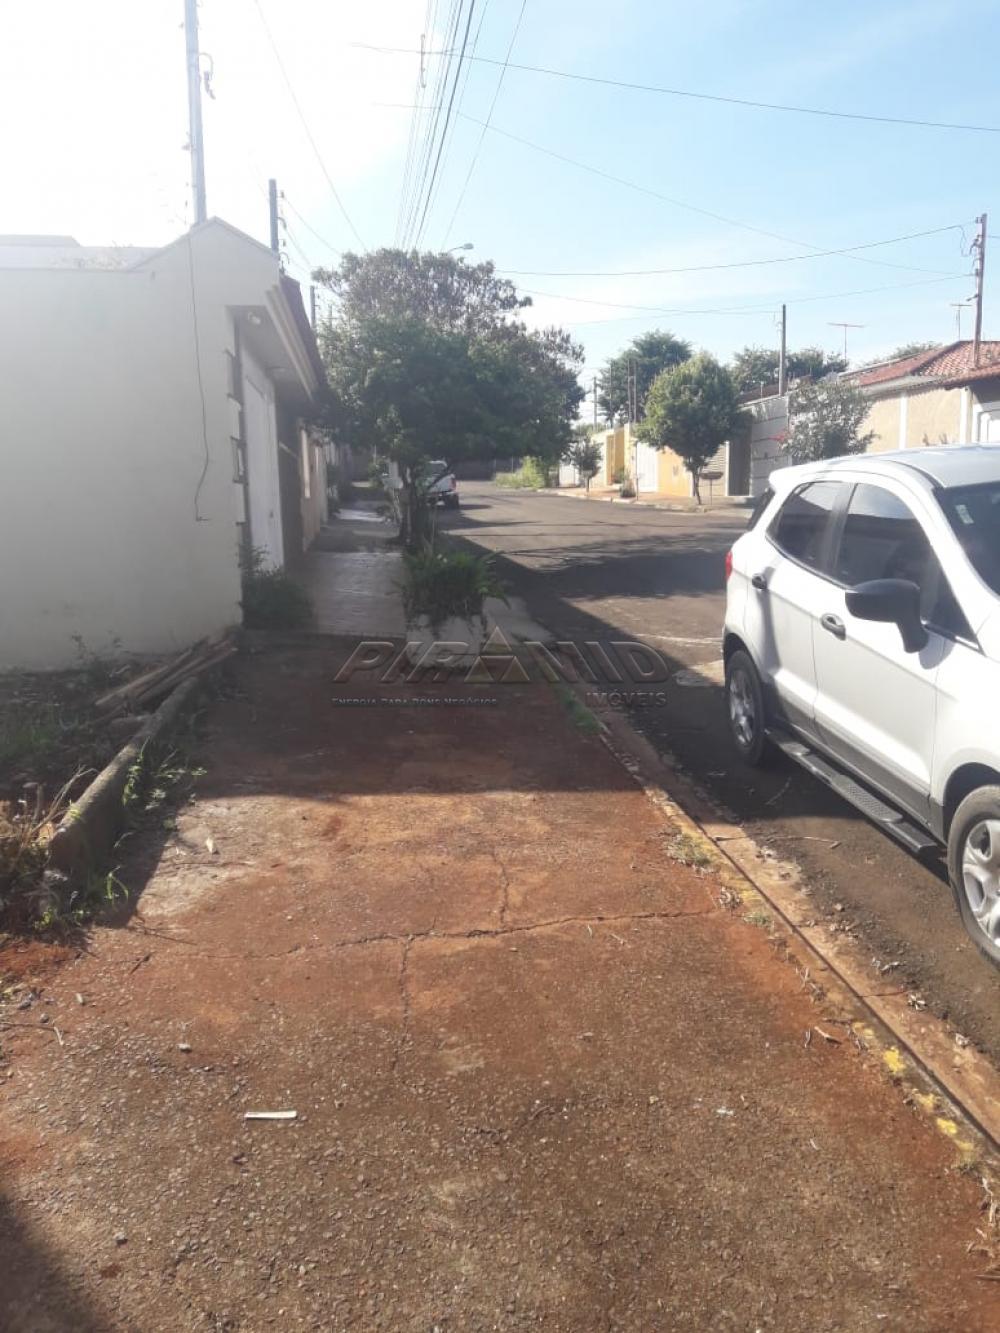 Comprar Terreno / Terreno em Ribeirão Preto apenas R$ 160.000,00 - Foto 3